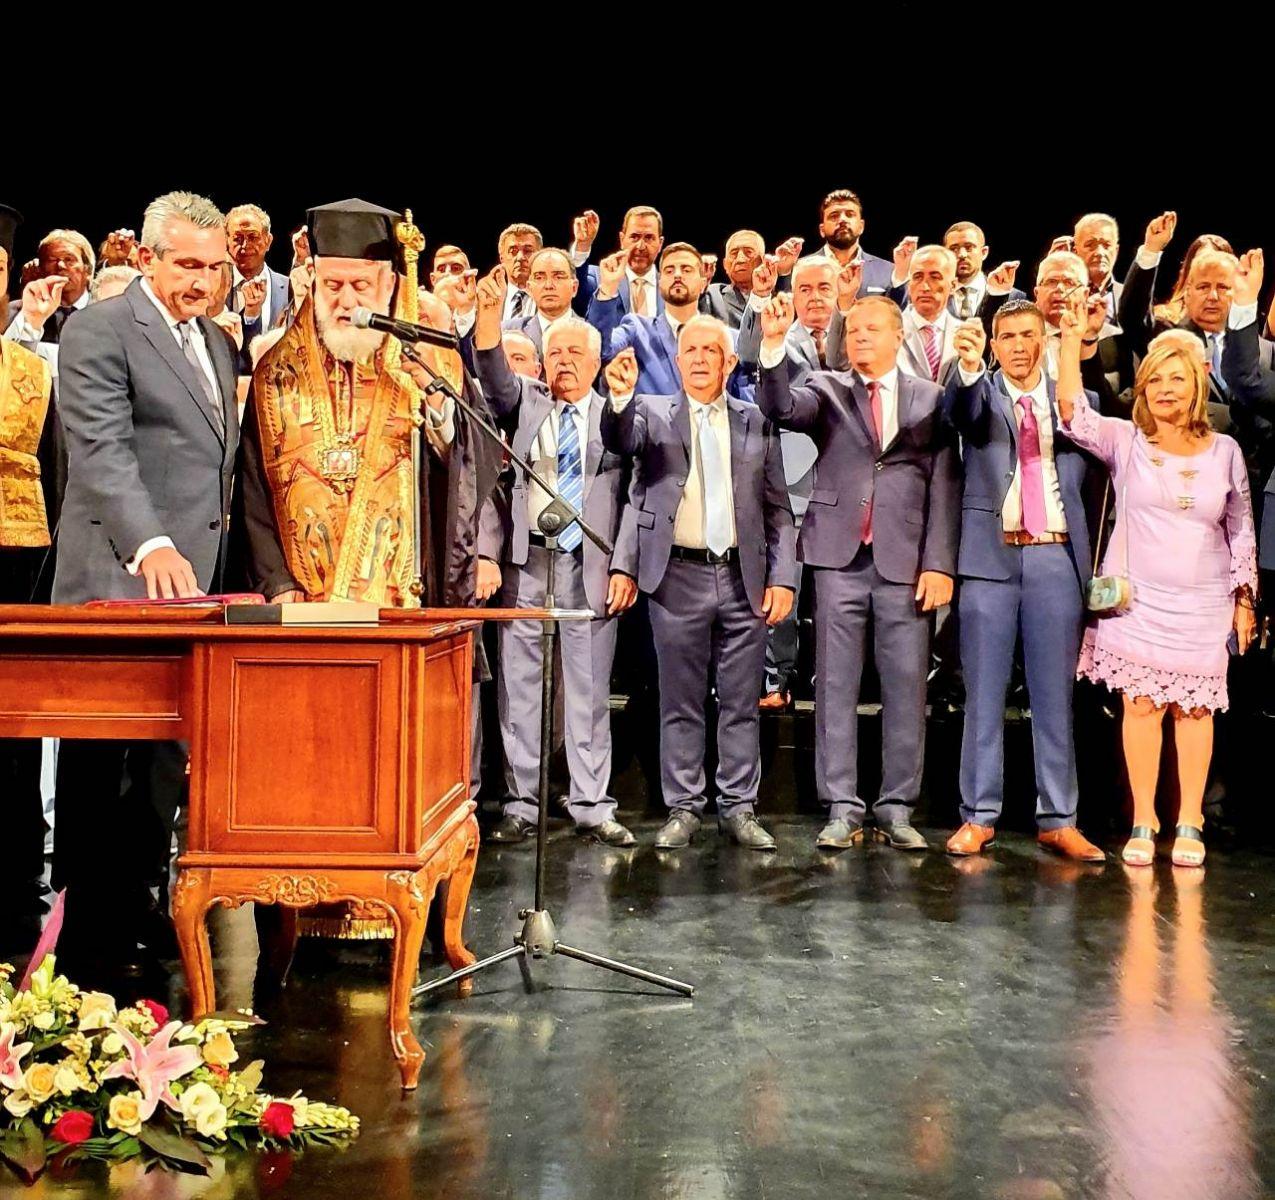 """Γιώργος Χατζημάρκος: """"Σας καλώ όλους, στον υπέροχο κόσμο της πολιτικής της Ευθύνης,  της Συνέπειας και της Αφοσίωσης"""""""